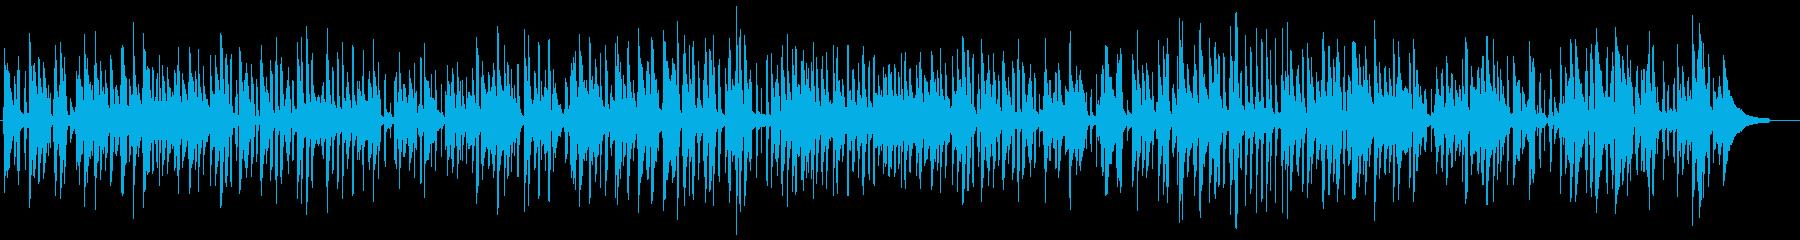 落ち着いたピアノトリオのライブジャズ演奏の再生済みの波形